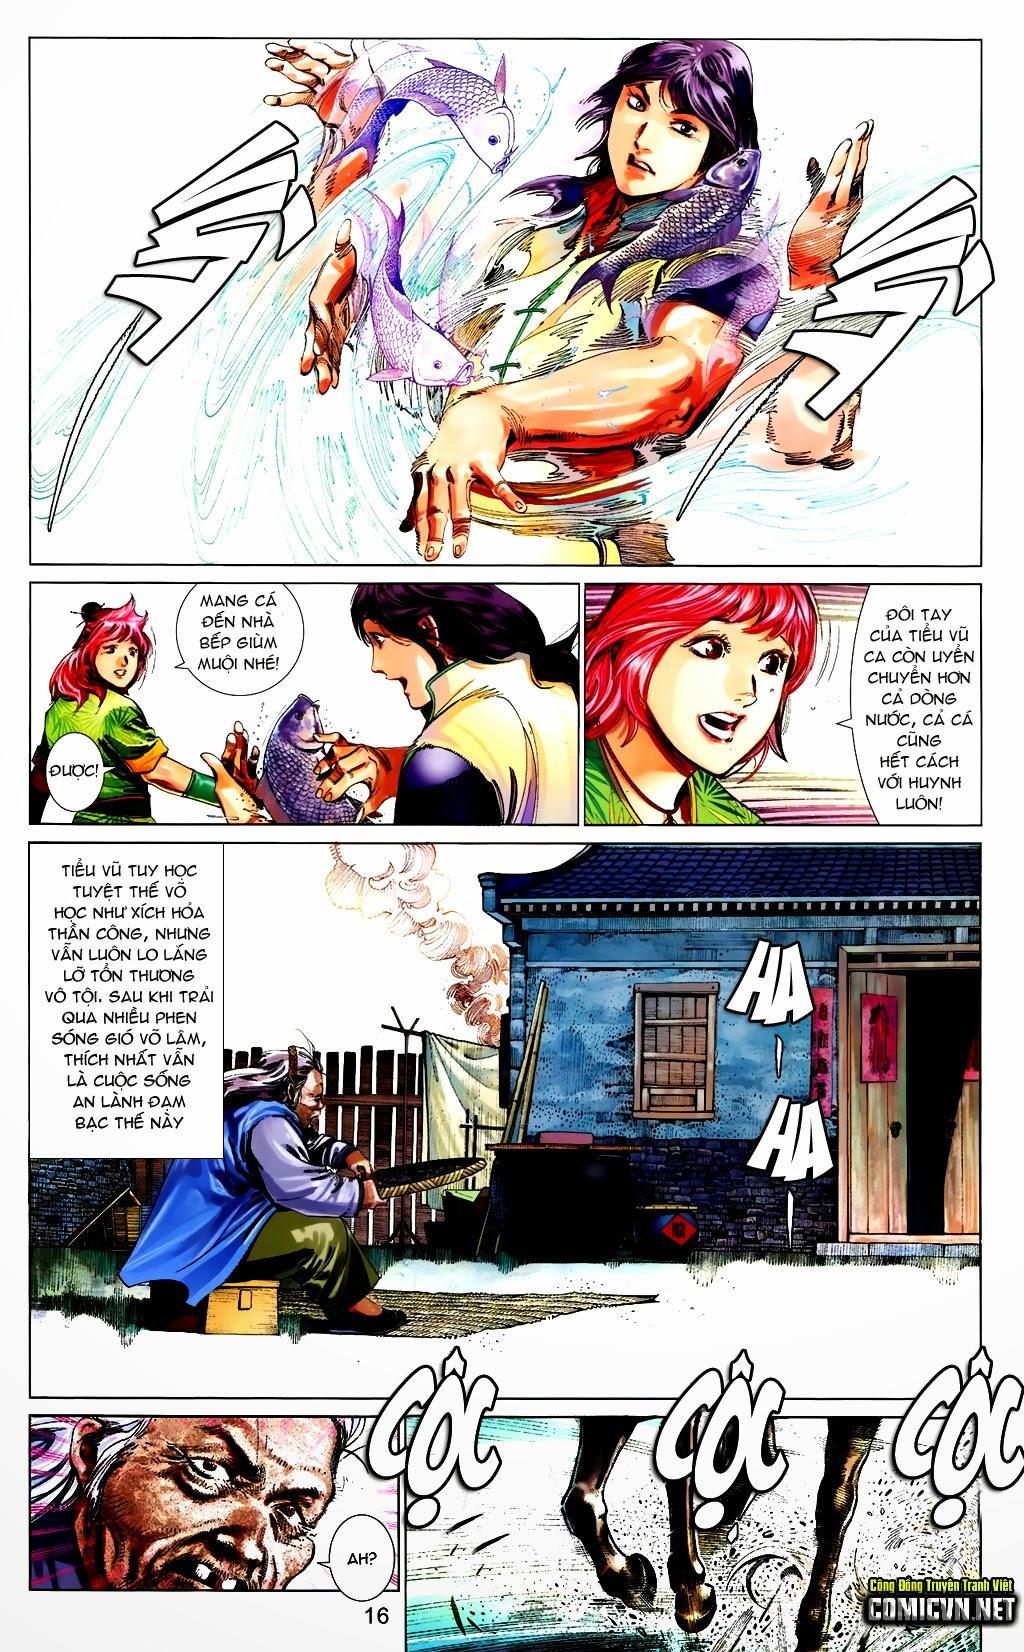 Phong Vân Chap 663 - Trang 16